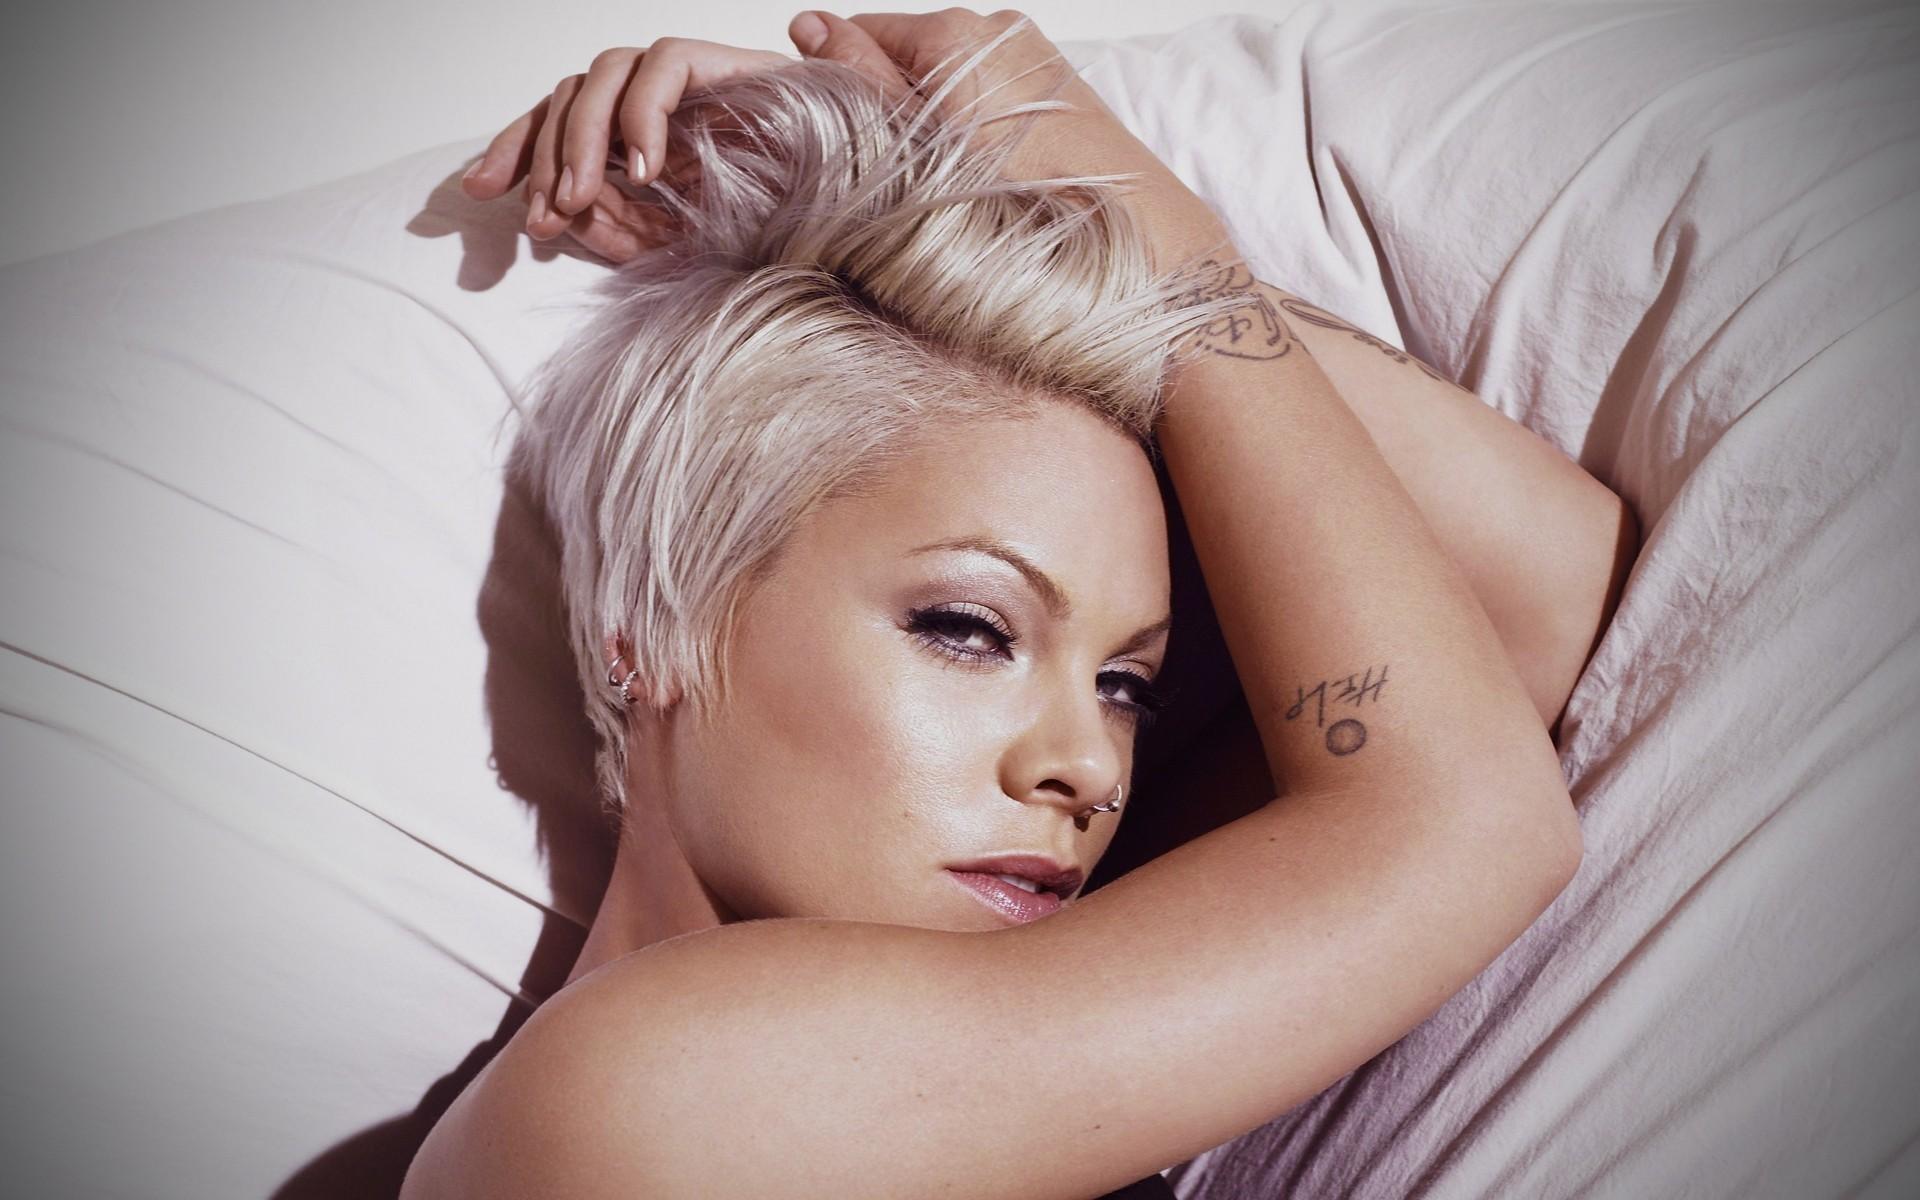 Симпотичная блондинка и трахарь 19 фотография